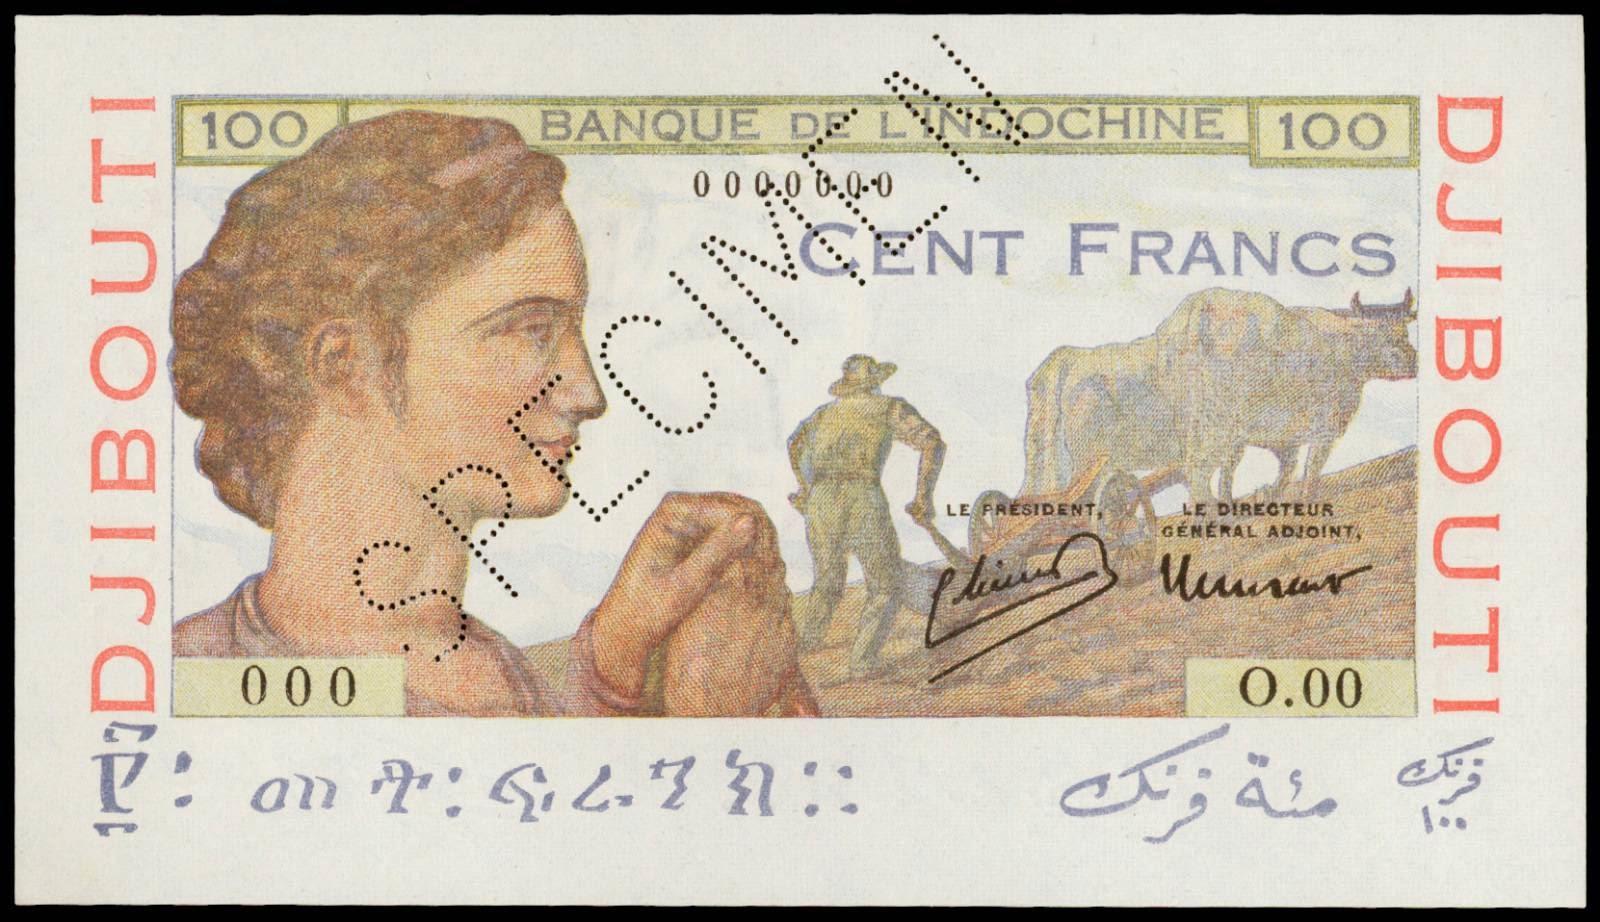 Djibouti French Somaliland Banknotes 100 Francs note 1946